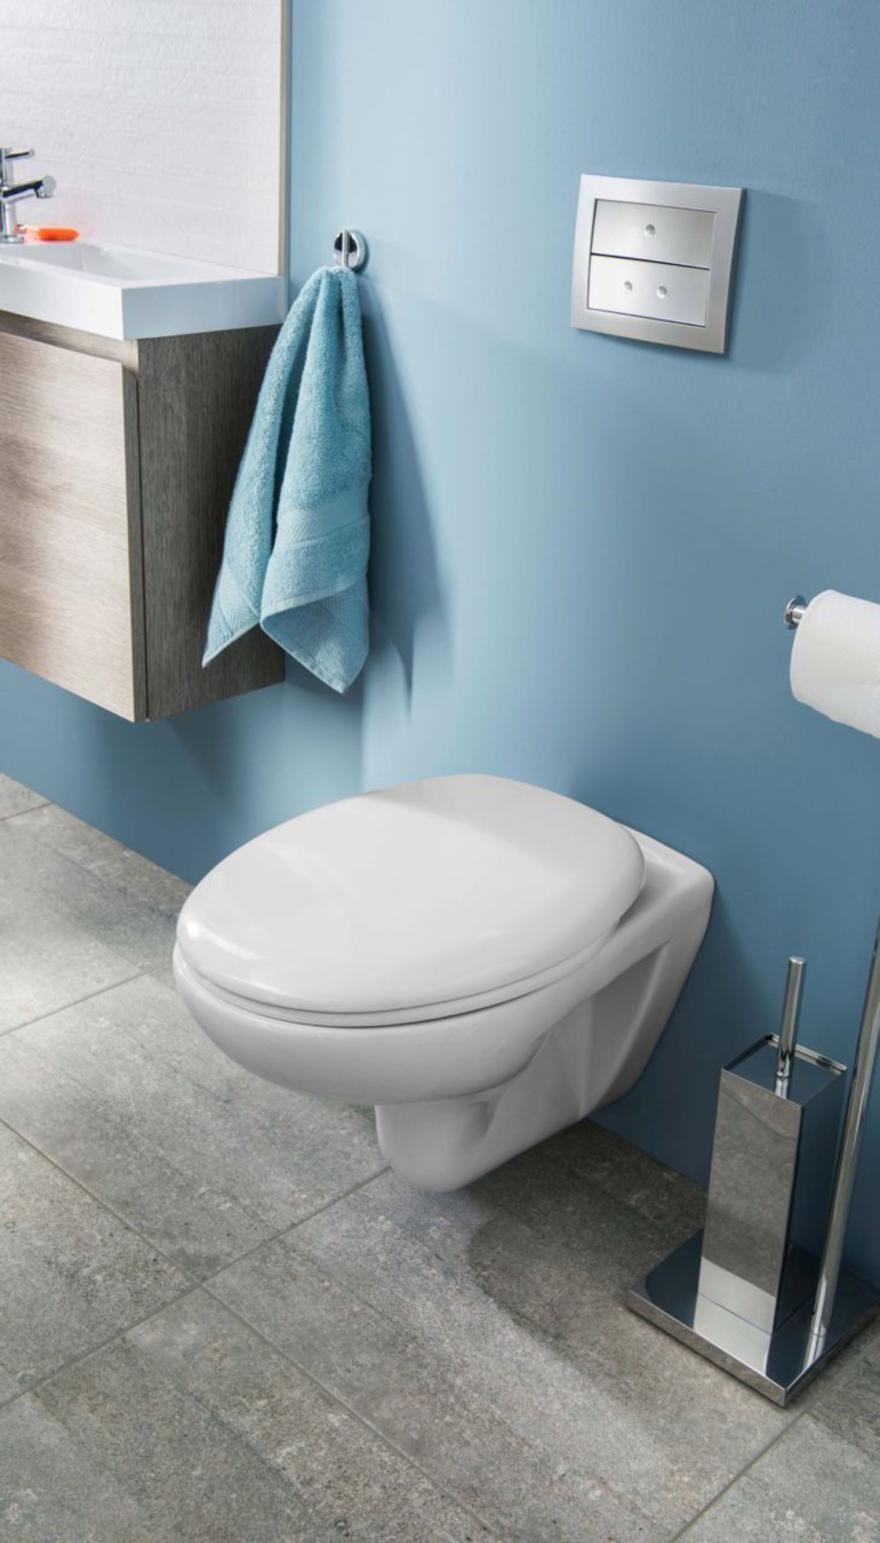 Quelle Couleur Pour Repeindre Les Toilettes Amenagement Wc Wc Suspendu Pack Wc Suspendu